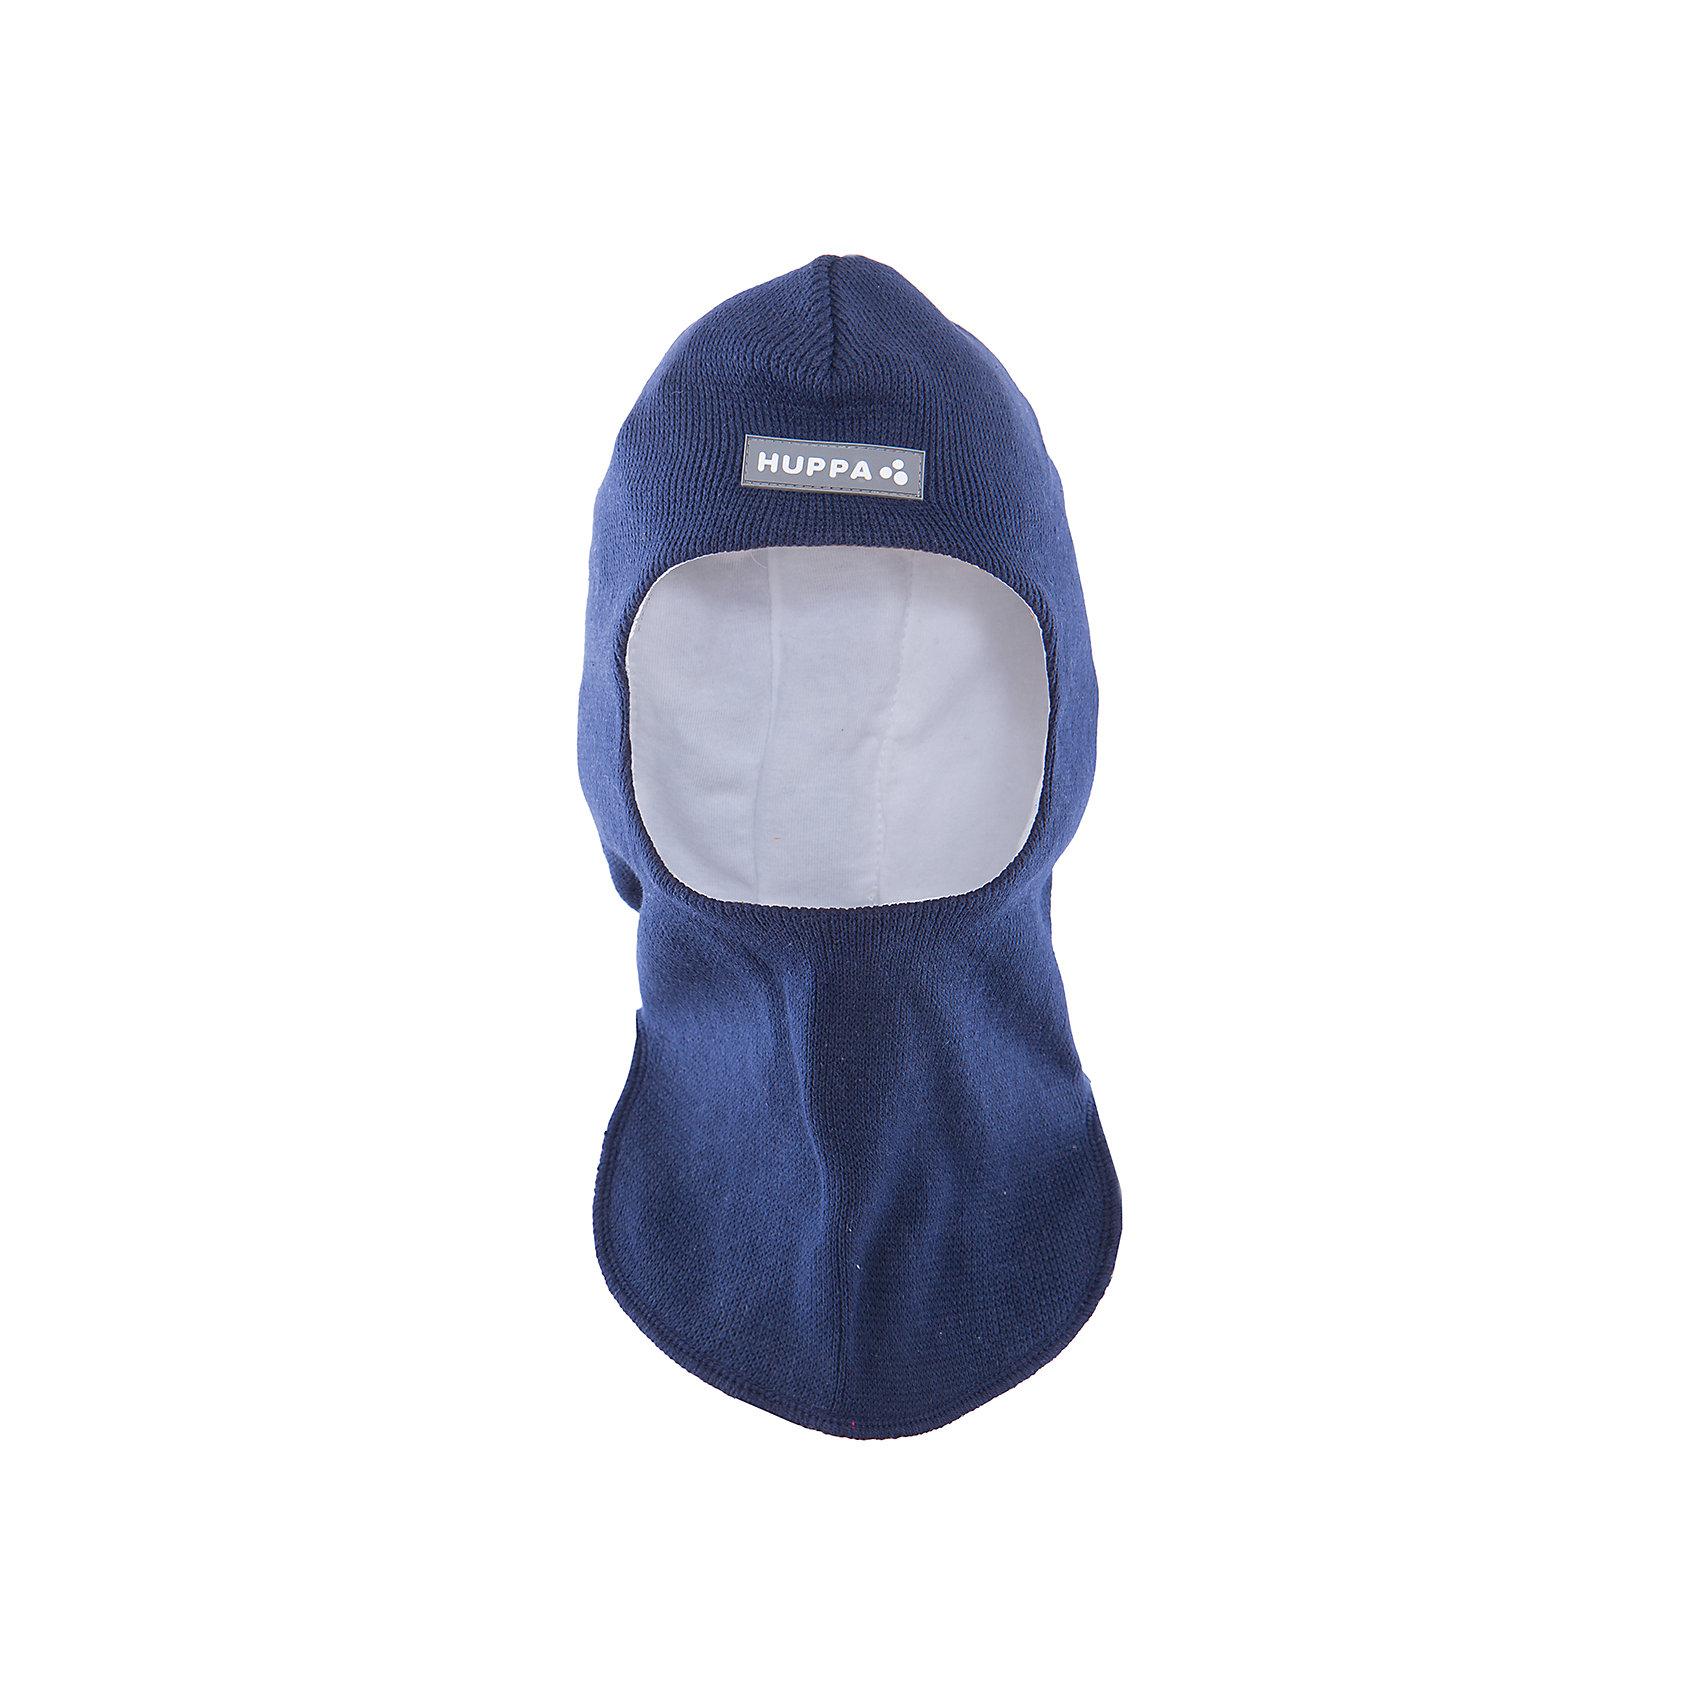 Шапка-шлем GERDA для мальчика HuppaГоловные уборы<br>Характеристики товара:<br><br>• цвет: тёмно-синий<br>• состав: 50% хлопок, 50% акрил<br>• подкладка: трикотаж - 100% хлопок<br>• температурный режим: от -5°С до +10°С<br>• демисезонная<br>• ветронепроницаемые вставки в области ушей<br>• логотип<br>• комфортная посадка<br>• мягкий материал<br>• страна бренда: Эстония<br><br>Эта шапка обеспечит детям тепло и комфорт. Она сделана из приятного на ощупь мягкого материала. Шапка очень симпатично смотрится, а дизайн и расцветка позволяют сочетать её с различной одеждой. Модель была разработана специально для детей.<br><br>Одежда и обувь от популярного эстонского бренда Huppa - отличный вариант одеть ребенка можно и комфортно. Вещи, выпускаемые компанией, качественные, продуманные и очень удобные. Для производства изделий используются только безопасные для детей материалы. Продукция от Huppa порадует и детей, и их родителей!<br><br>Шапку-шлем для девочки от бренда Huppa (Хуппа) можно купить в нашем интернет-магазине.<br><br>Ширина мм: 89<br>Глубина мм: 117<br>Высота мм: 44<br>Вес г: 155<br>Цвет: синий<br>Возраст от месяцев: 6<br>Возраст до месяцев: 12<br>Пол: Мужской<br>Возраст: Детский<br>Размер: 43-45,51-53,47-49<br>SKU: 5347649